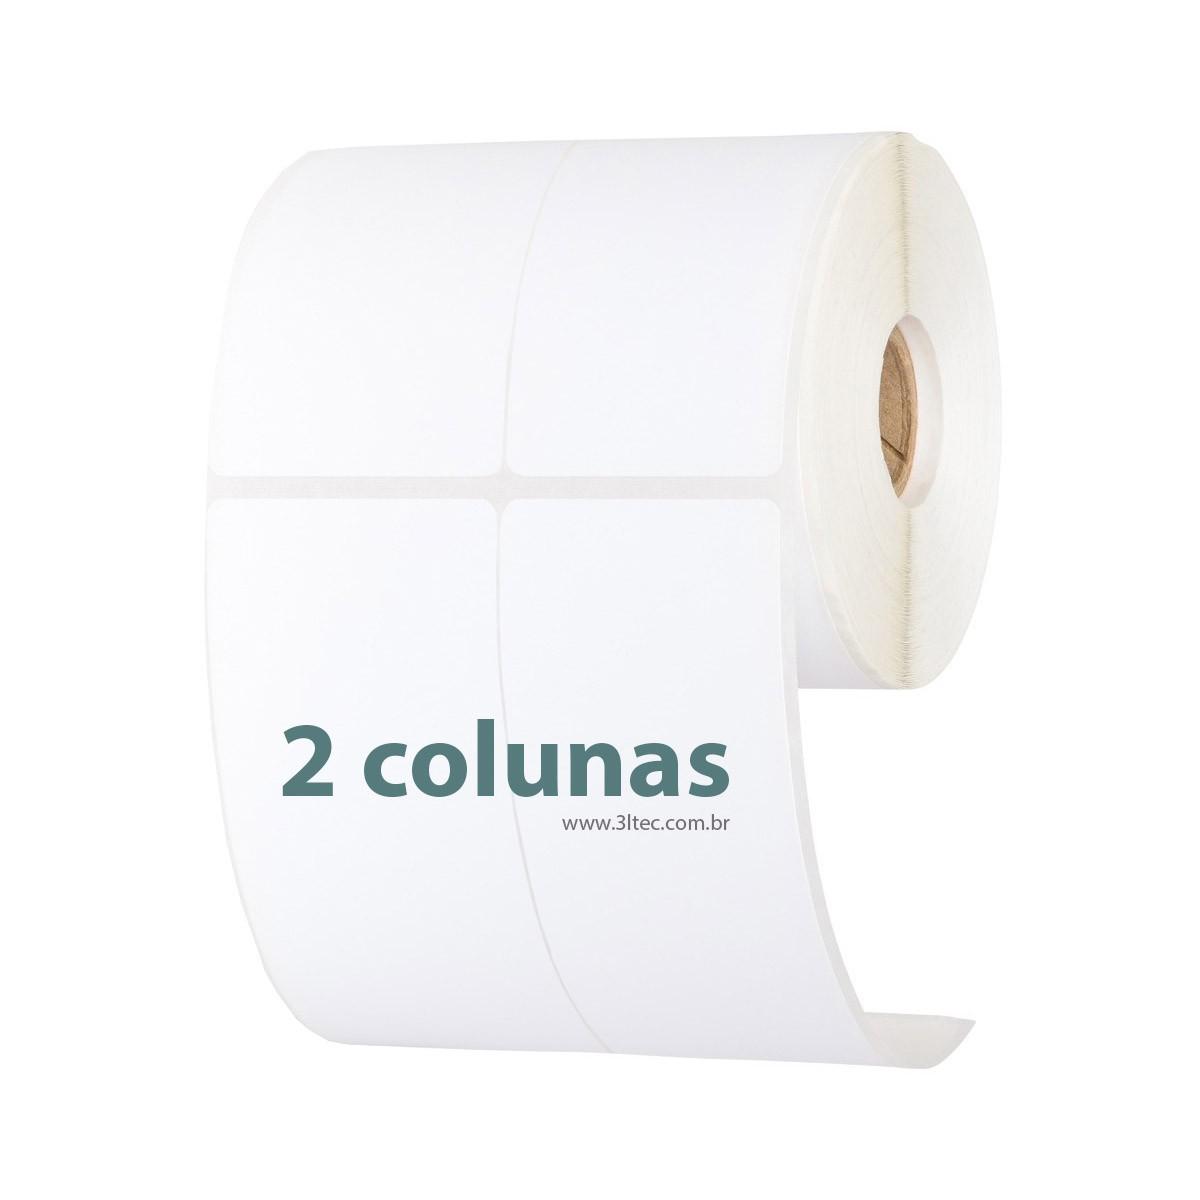 Etiquetas Adesivas - Rolo de 40 metros - 2 colunas